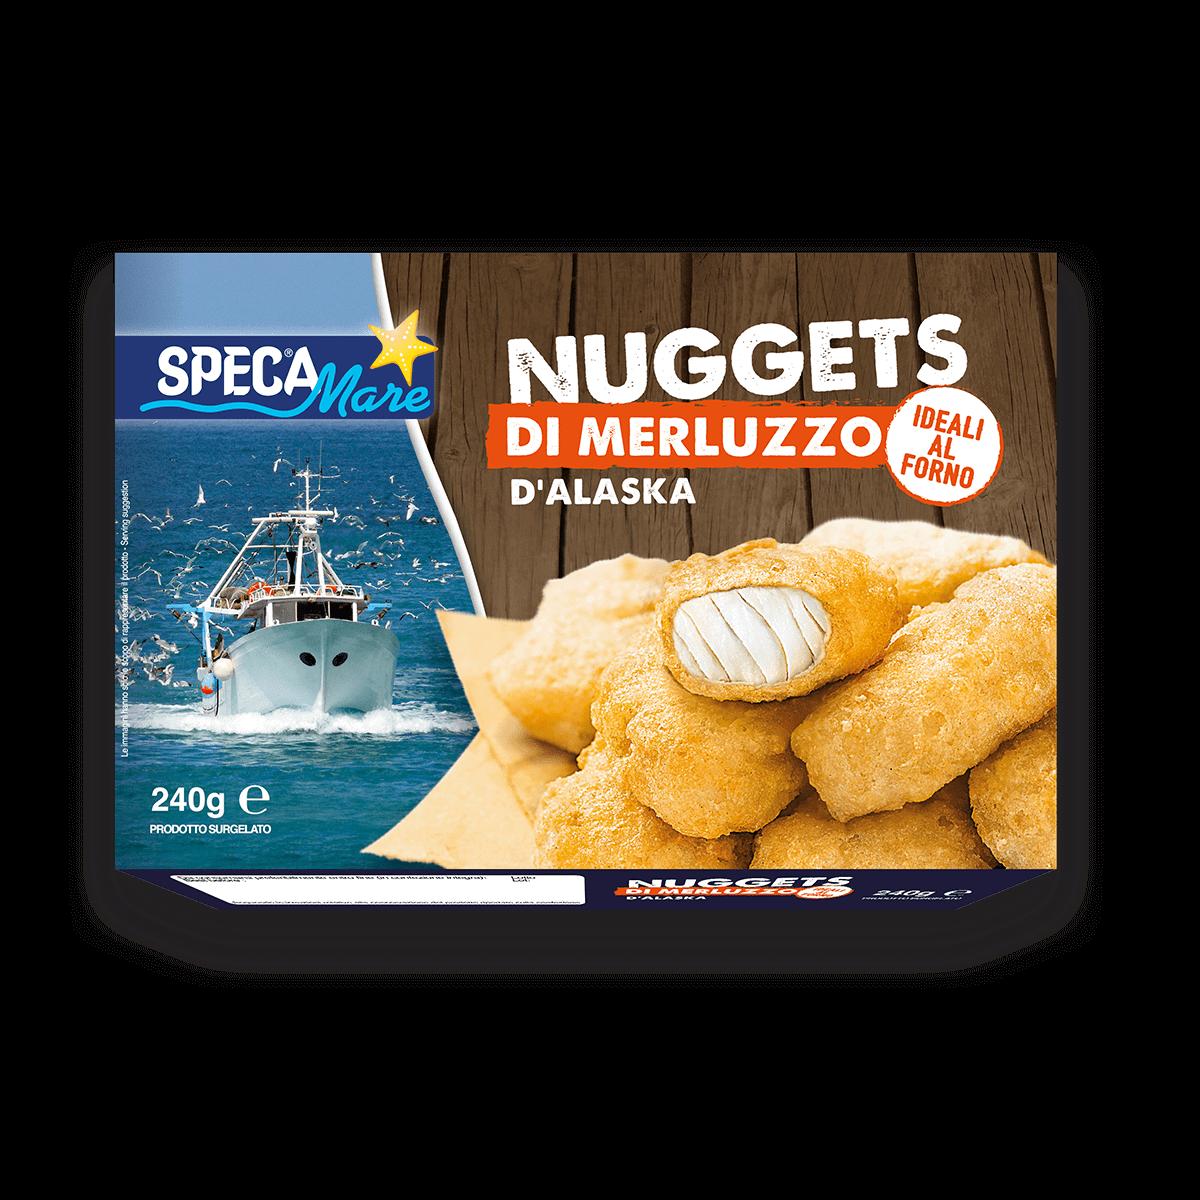 sia_conserviera_nuggets_merluzzo_astuccio